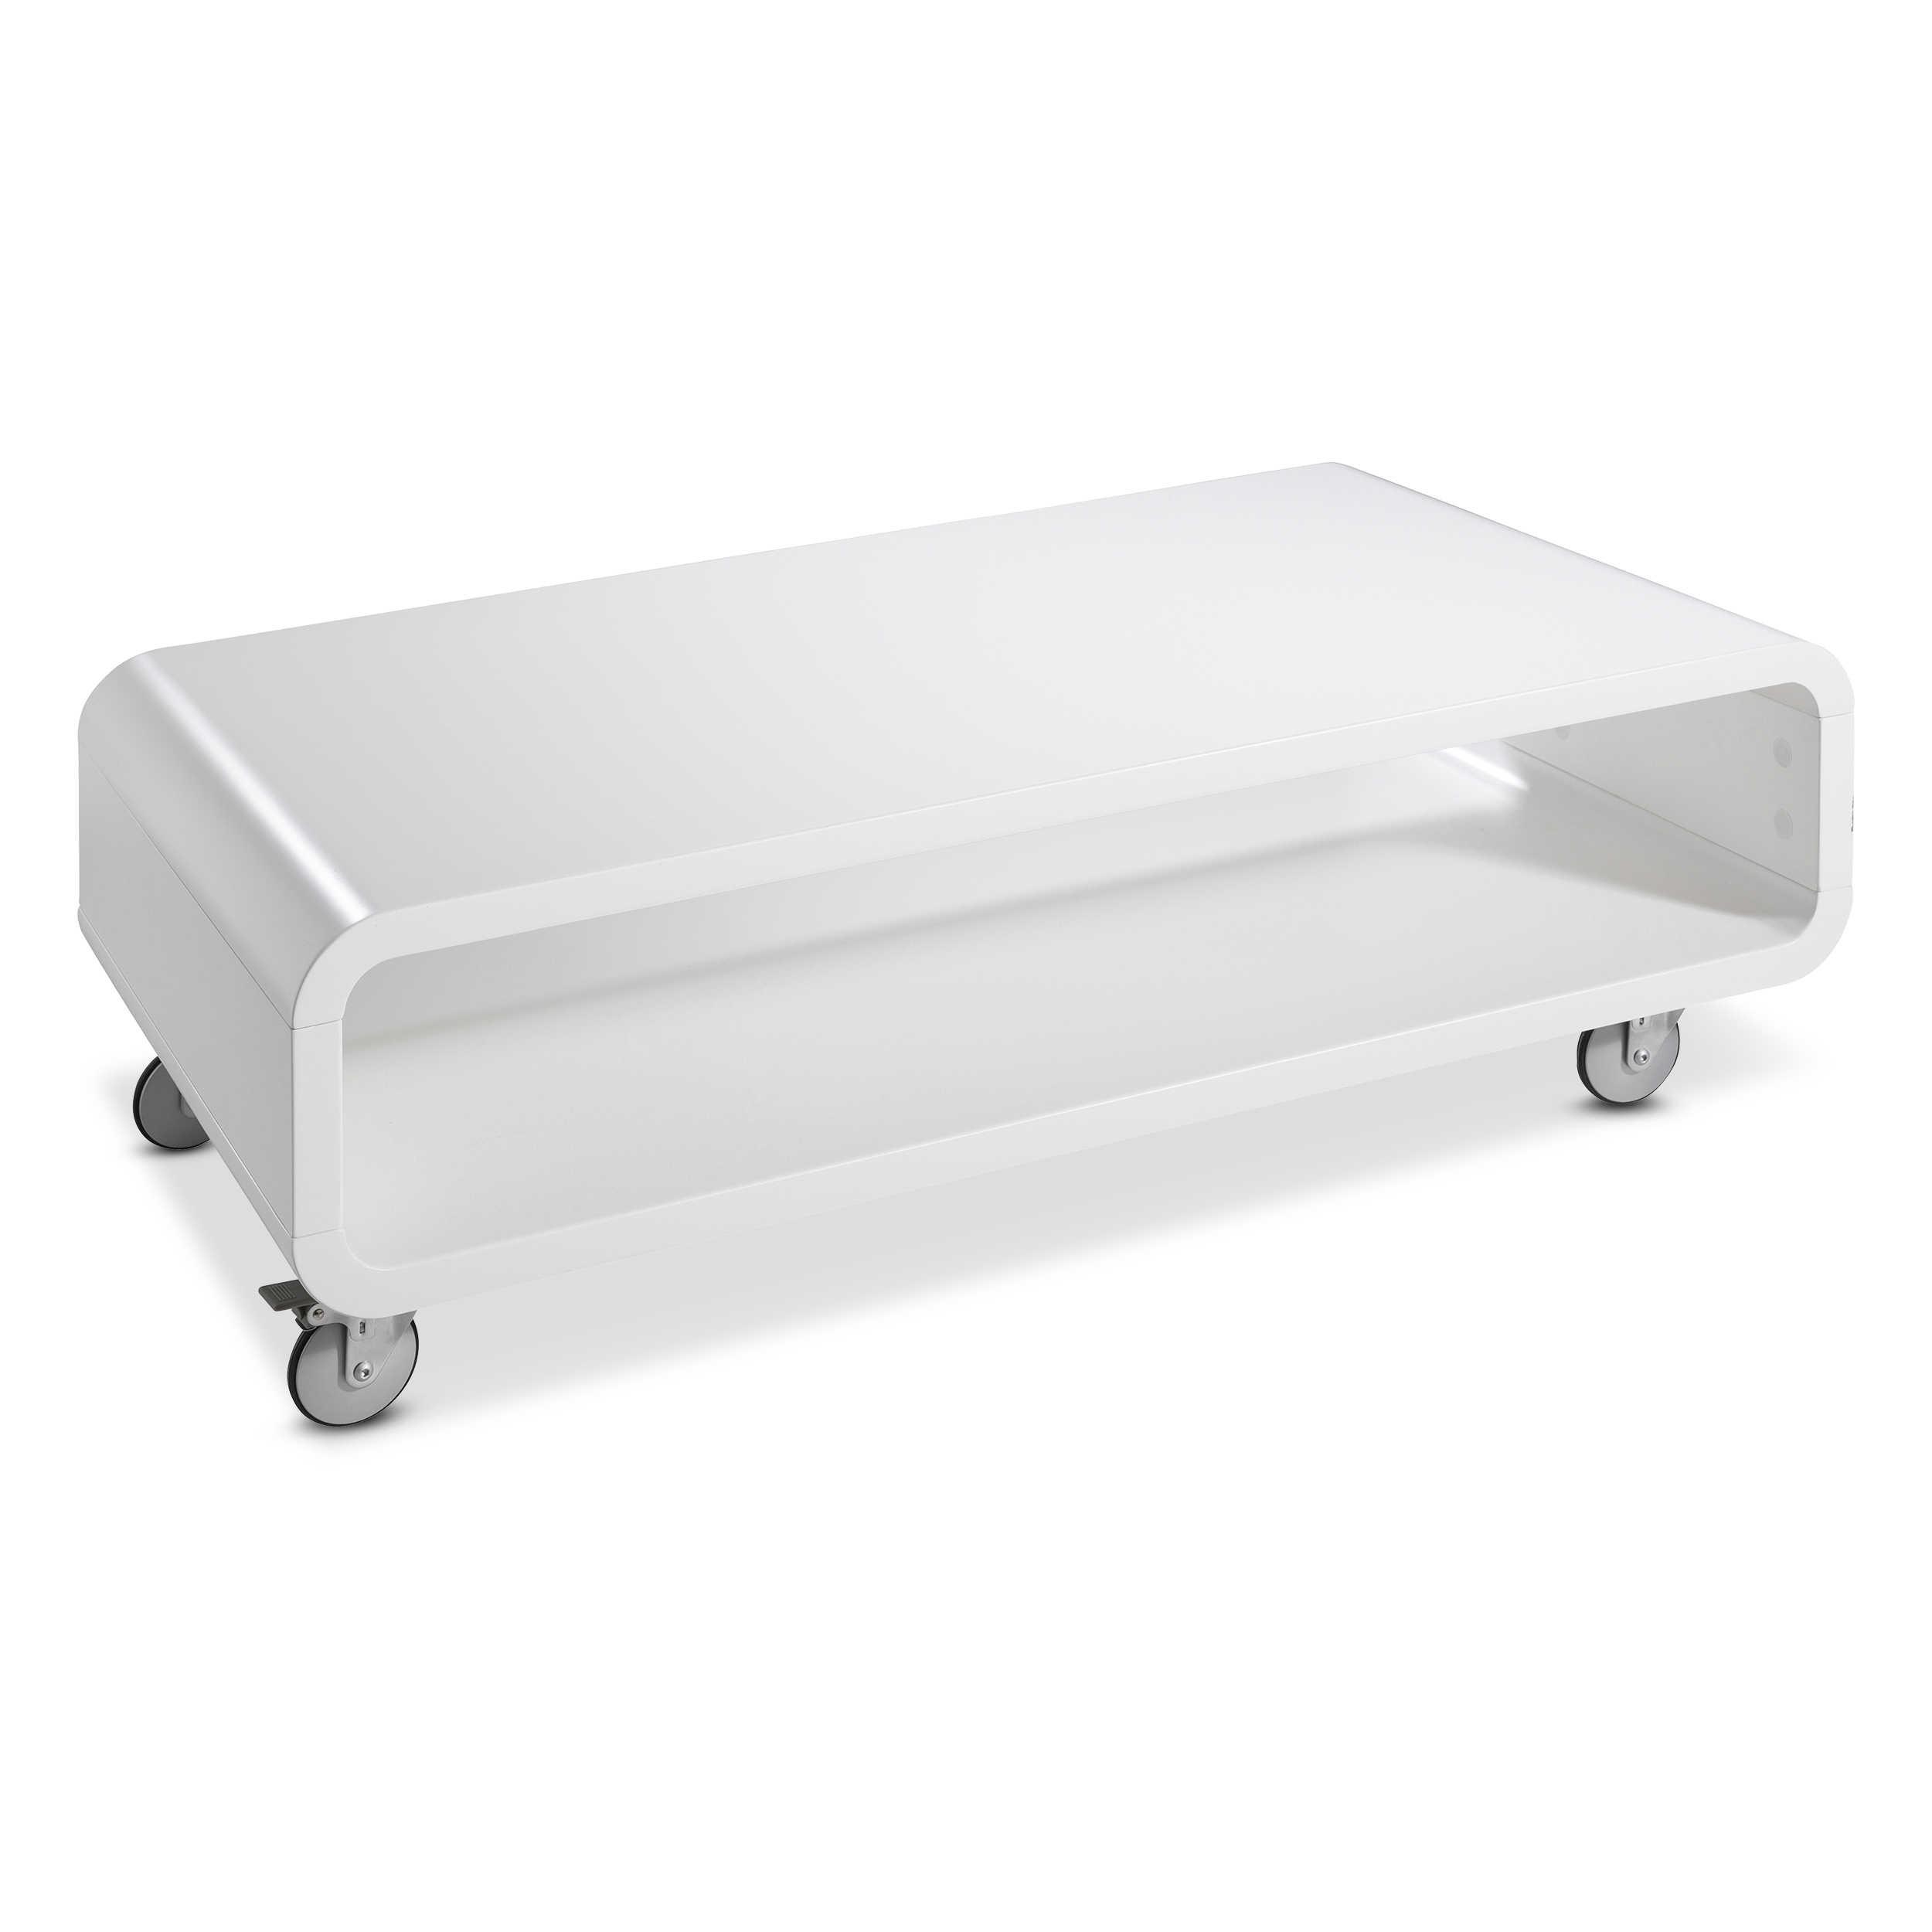 mca couchtisch britta wei lack hochglanz online kaufen bei woonio. Black Bedroom Furniture Sets. Home Design Ideas